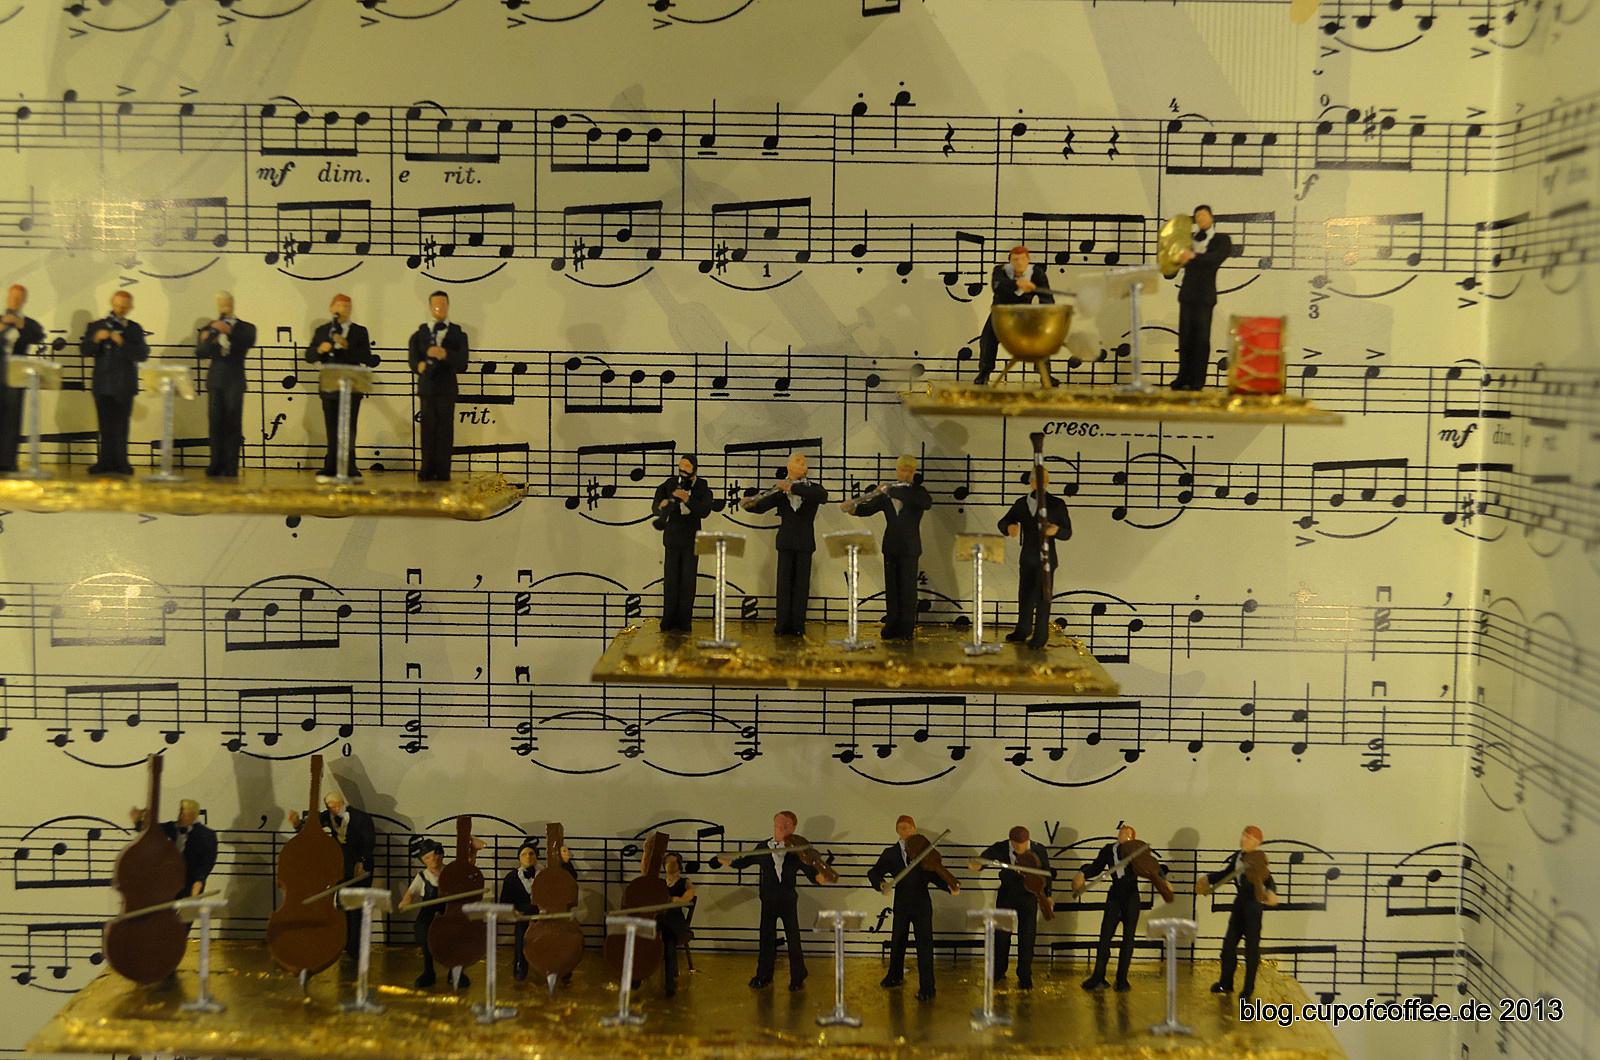 Die hier proben allerdings nicht in der Philharmonie.